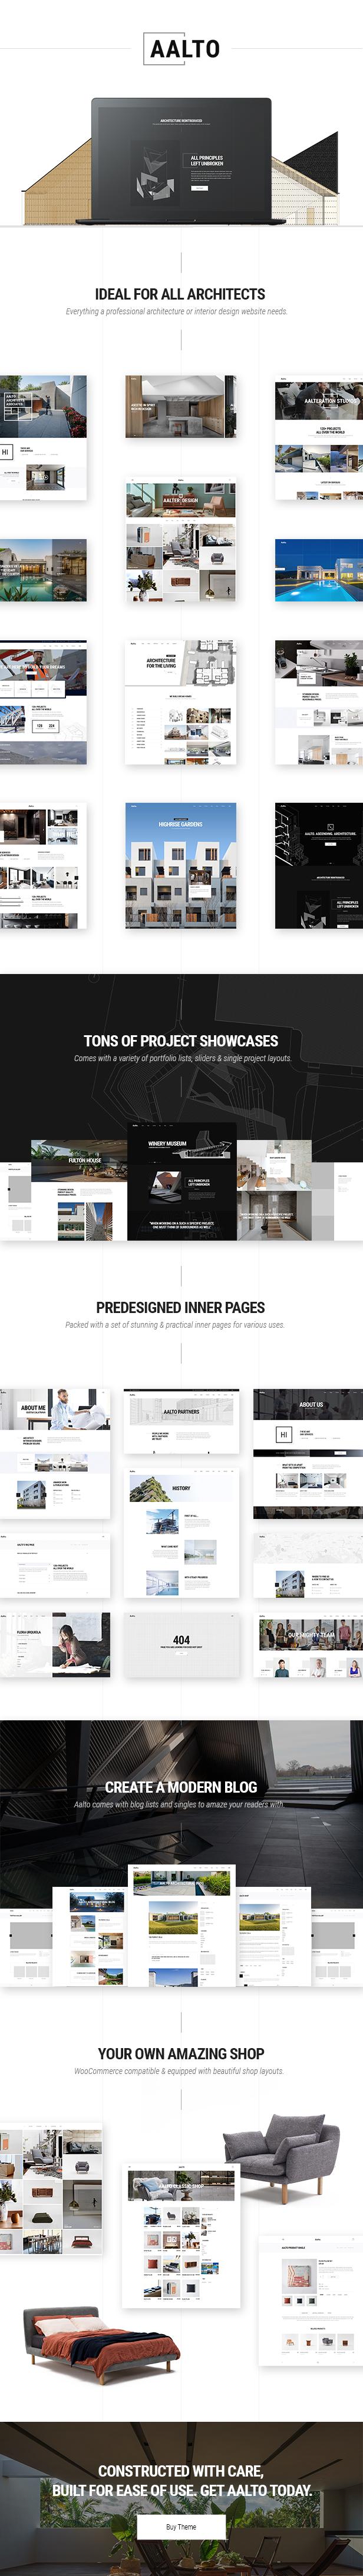 WordPress theme Aalto - A Refined Architecture and Interior Design Theme (Portfolio)